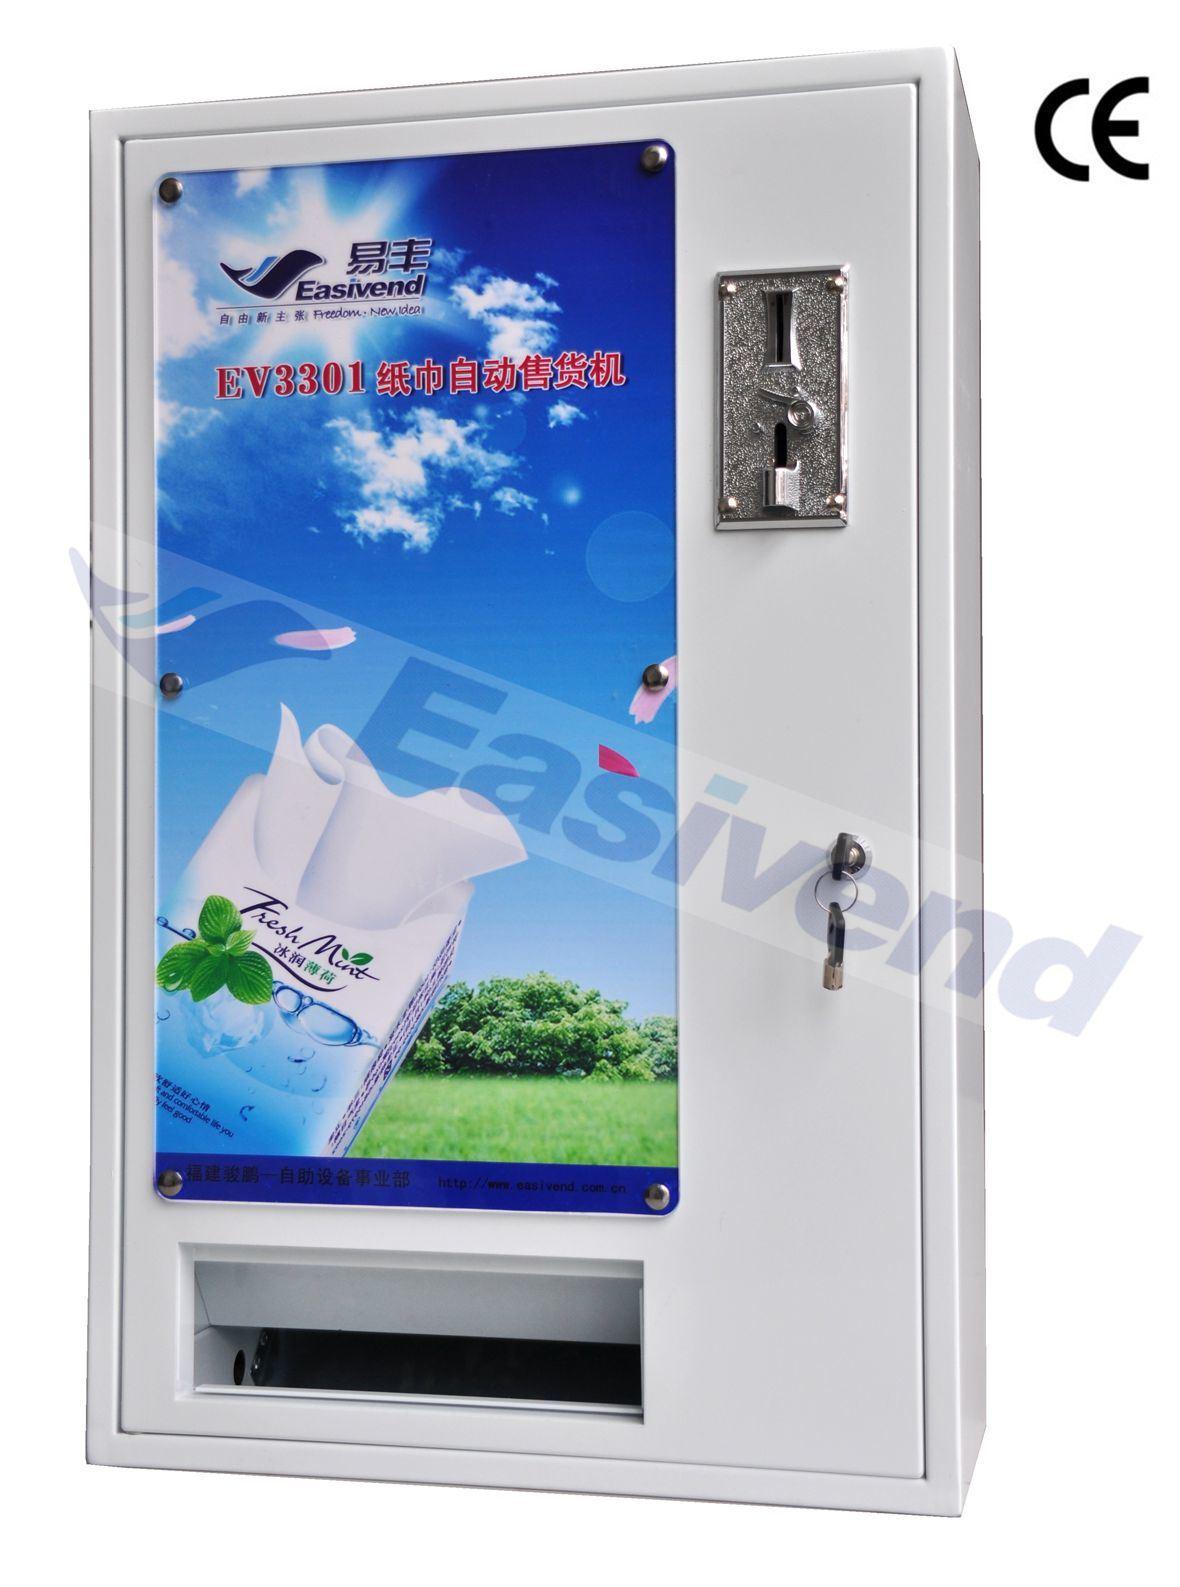 Tissue/Box Vending Machine